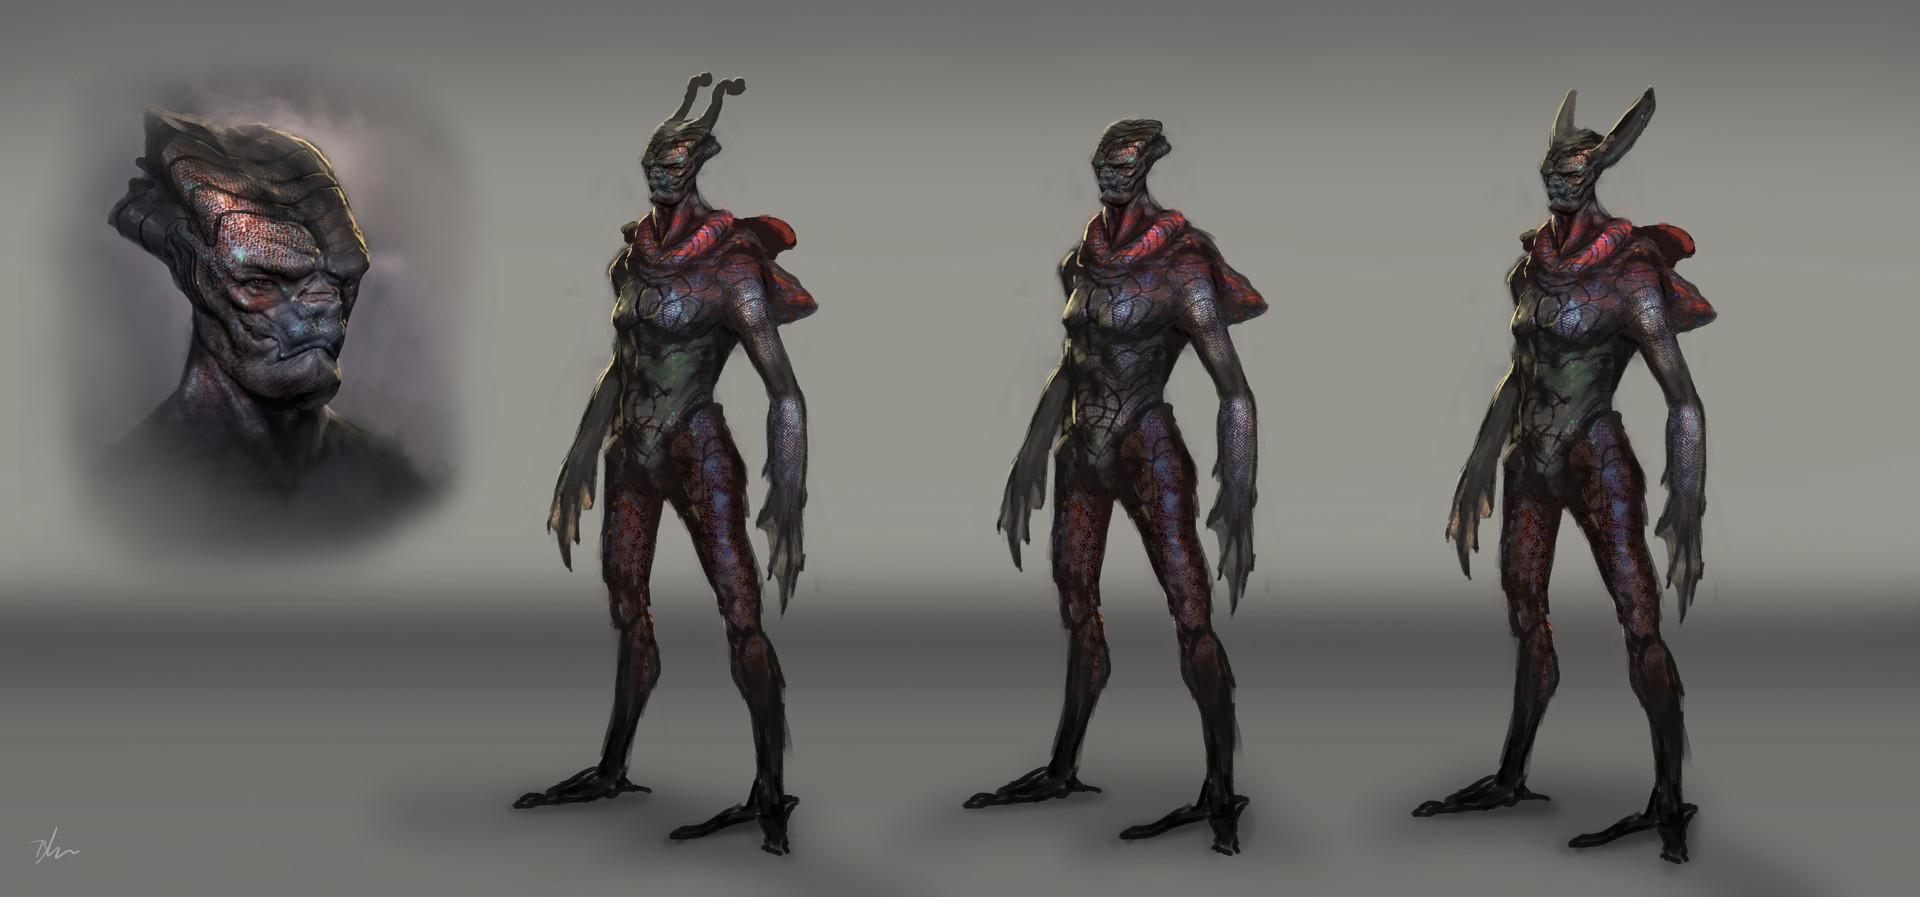 Brent minehan marine alien character designs